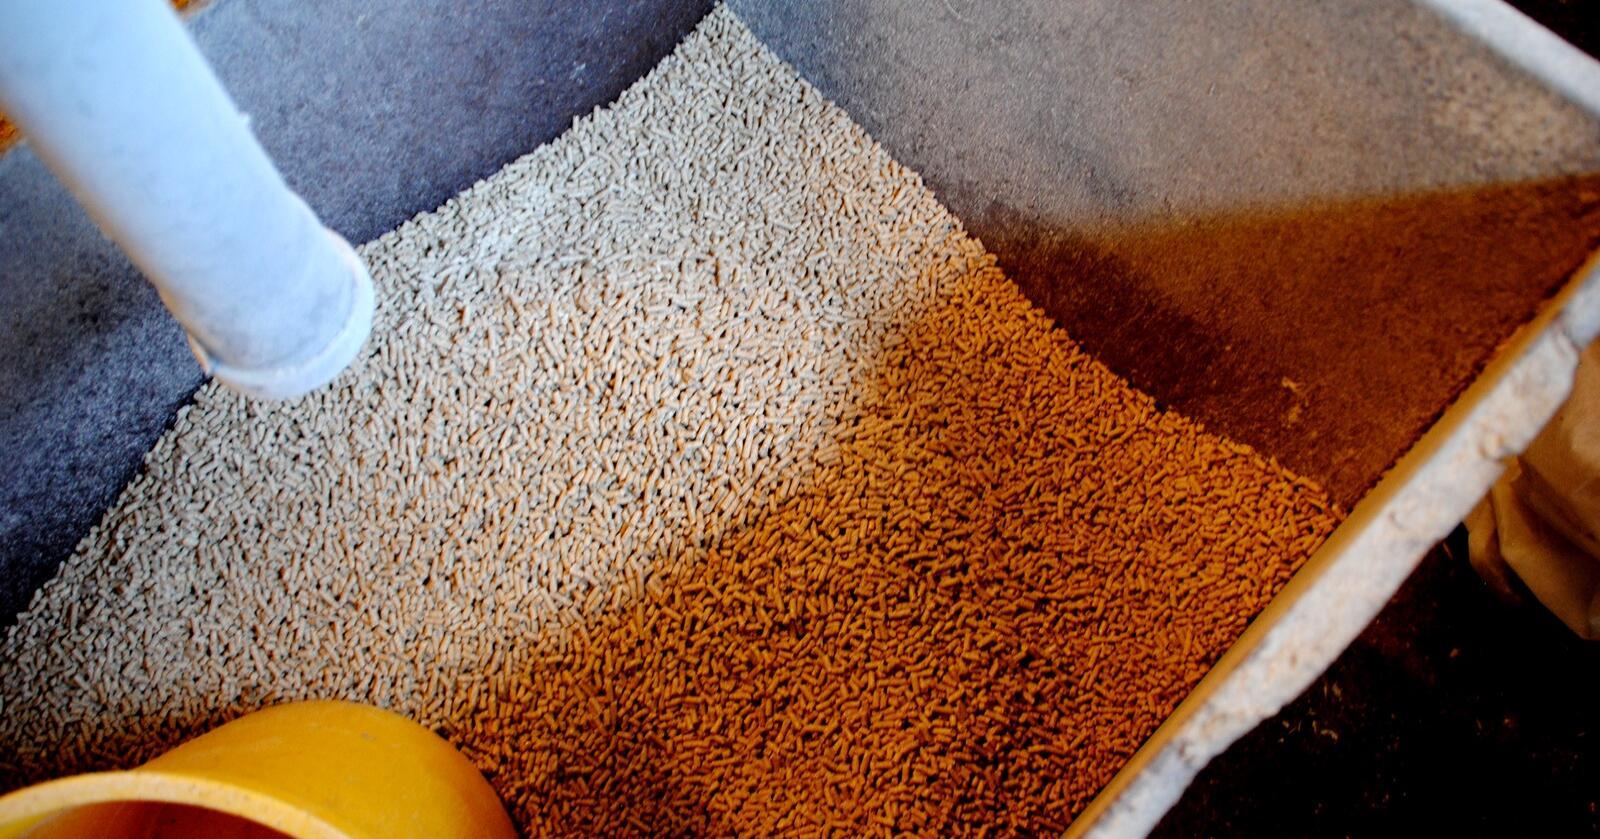 Flere selskaper går nå sammen for å blant annet se på hvordan man kan skaffe proteinrikt fôr uten å bruke importert soya. Foto: Lars Bilit Hagen